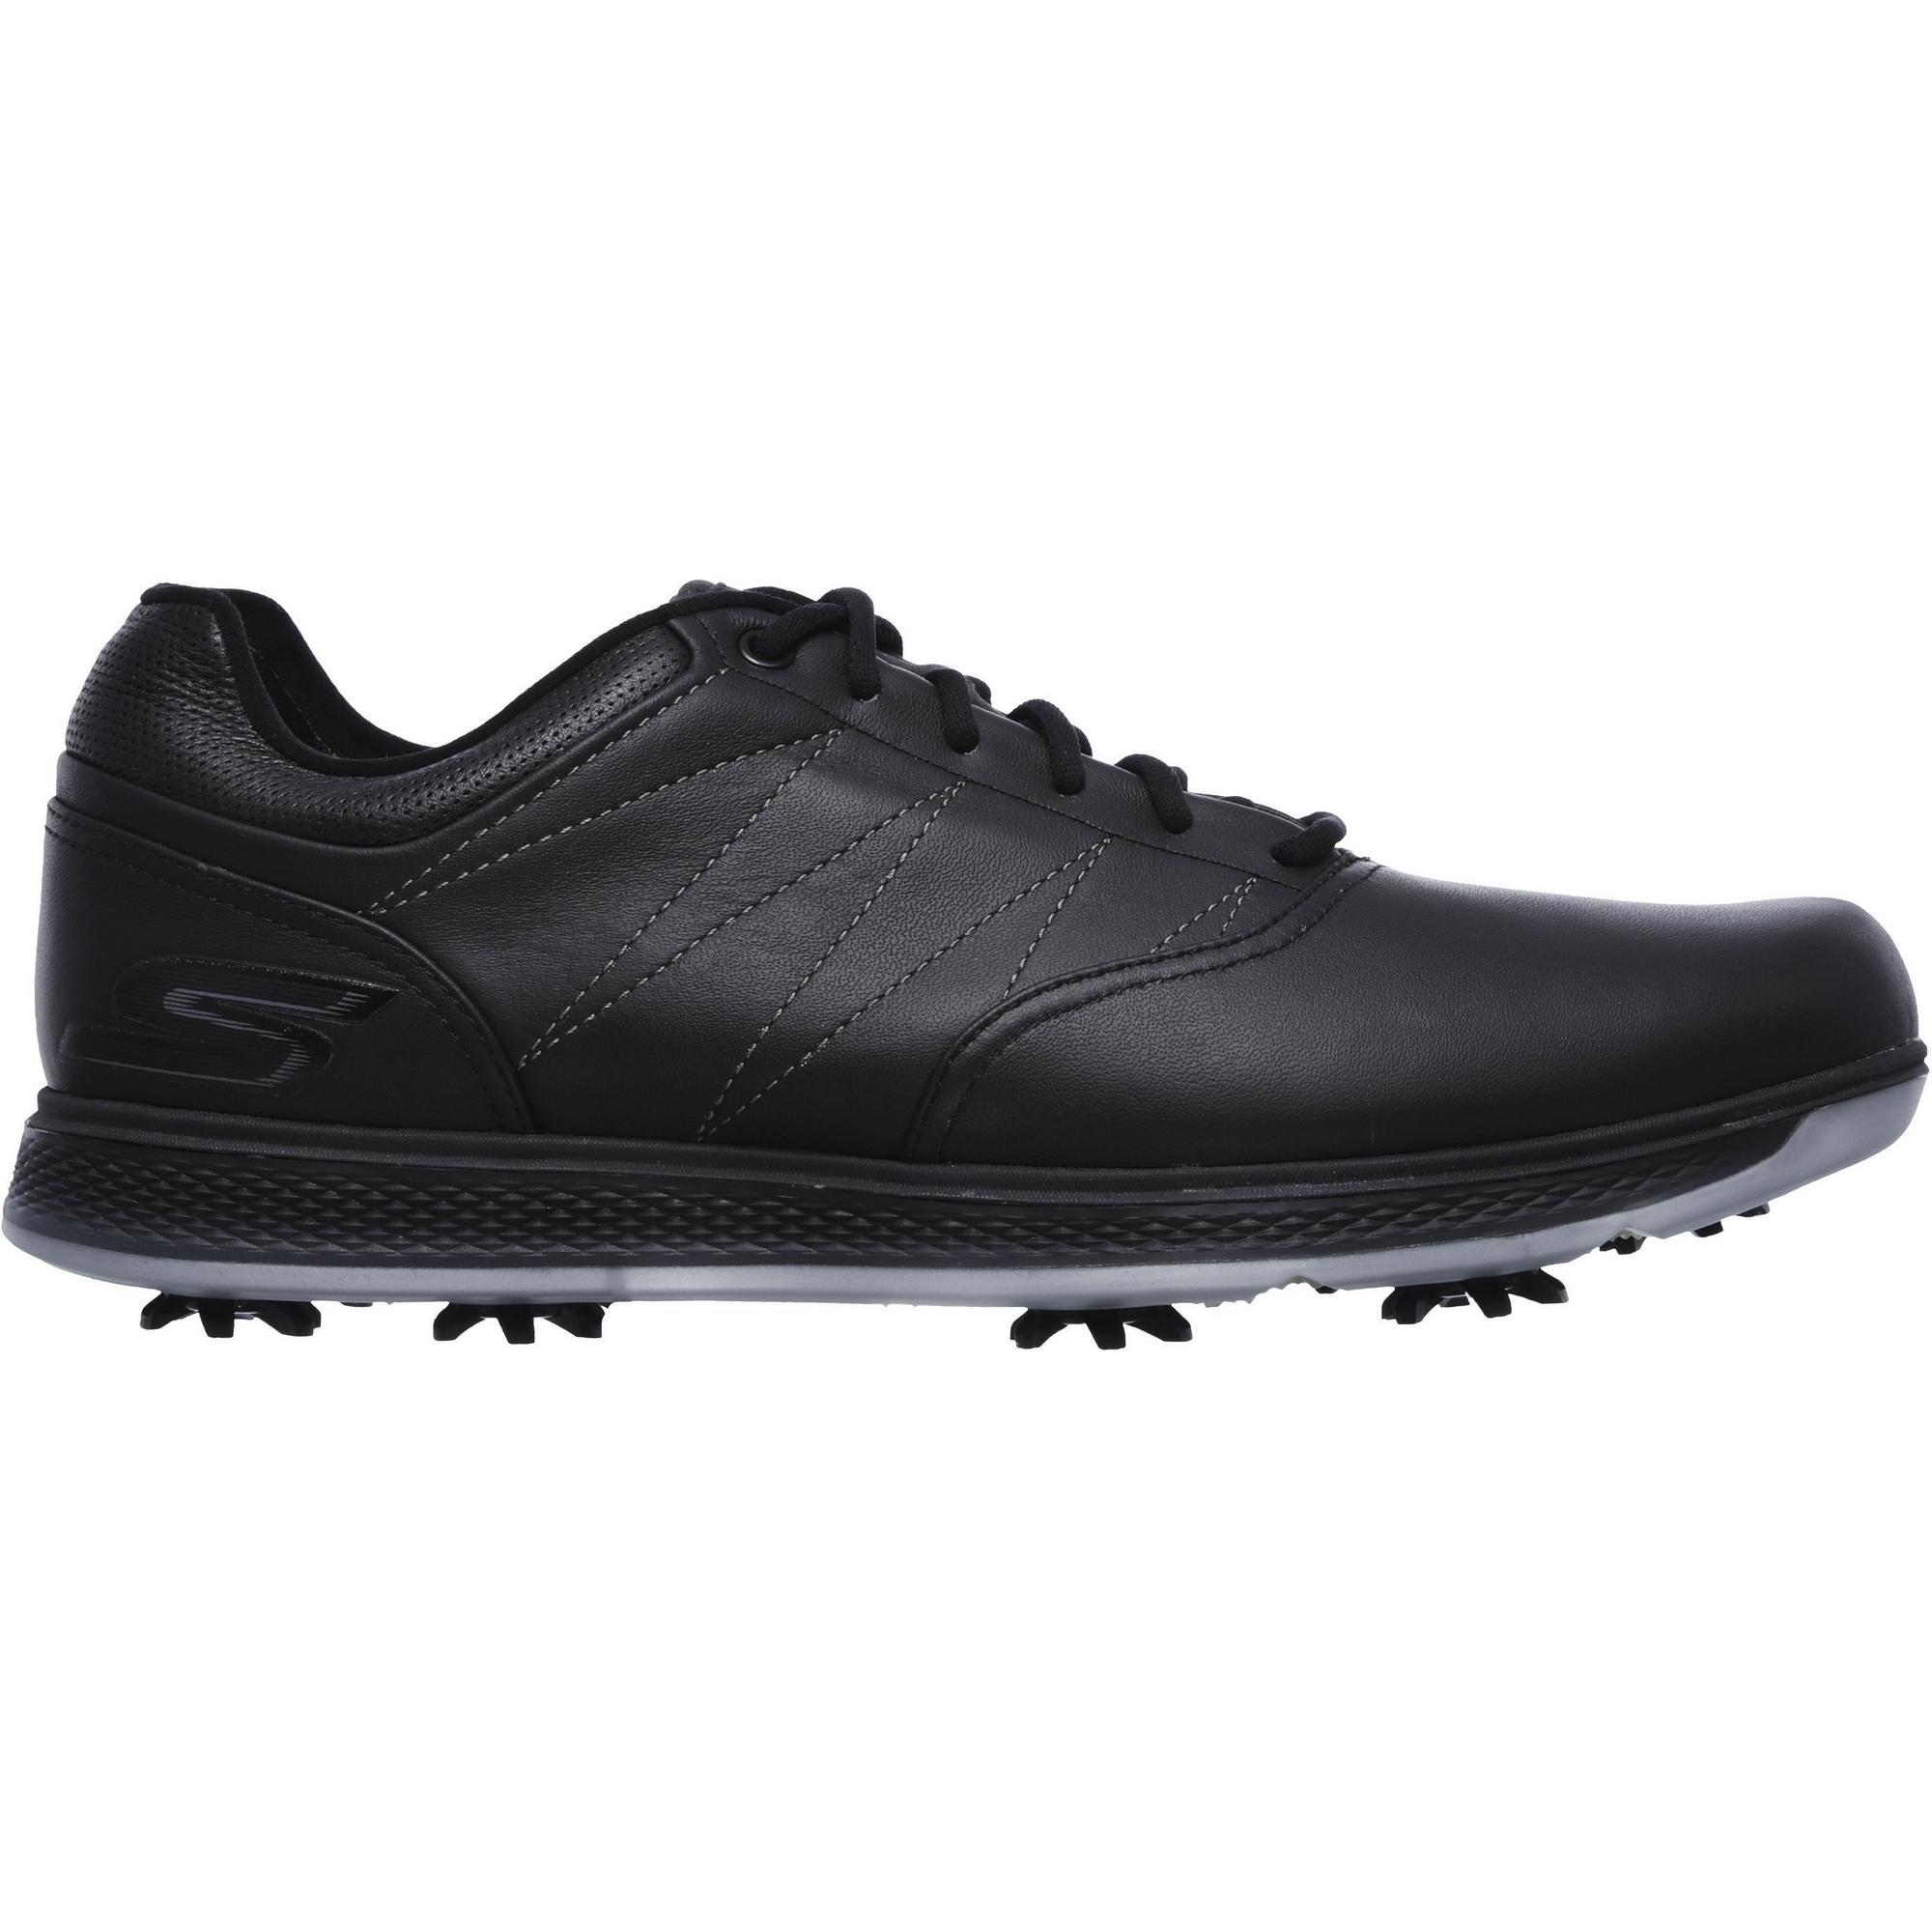 Men's Go Golf Pro V.3 Spiked Golf Shoe - BLK/WHT